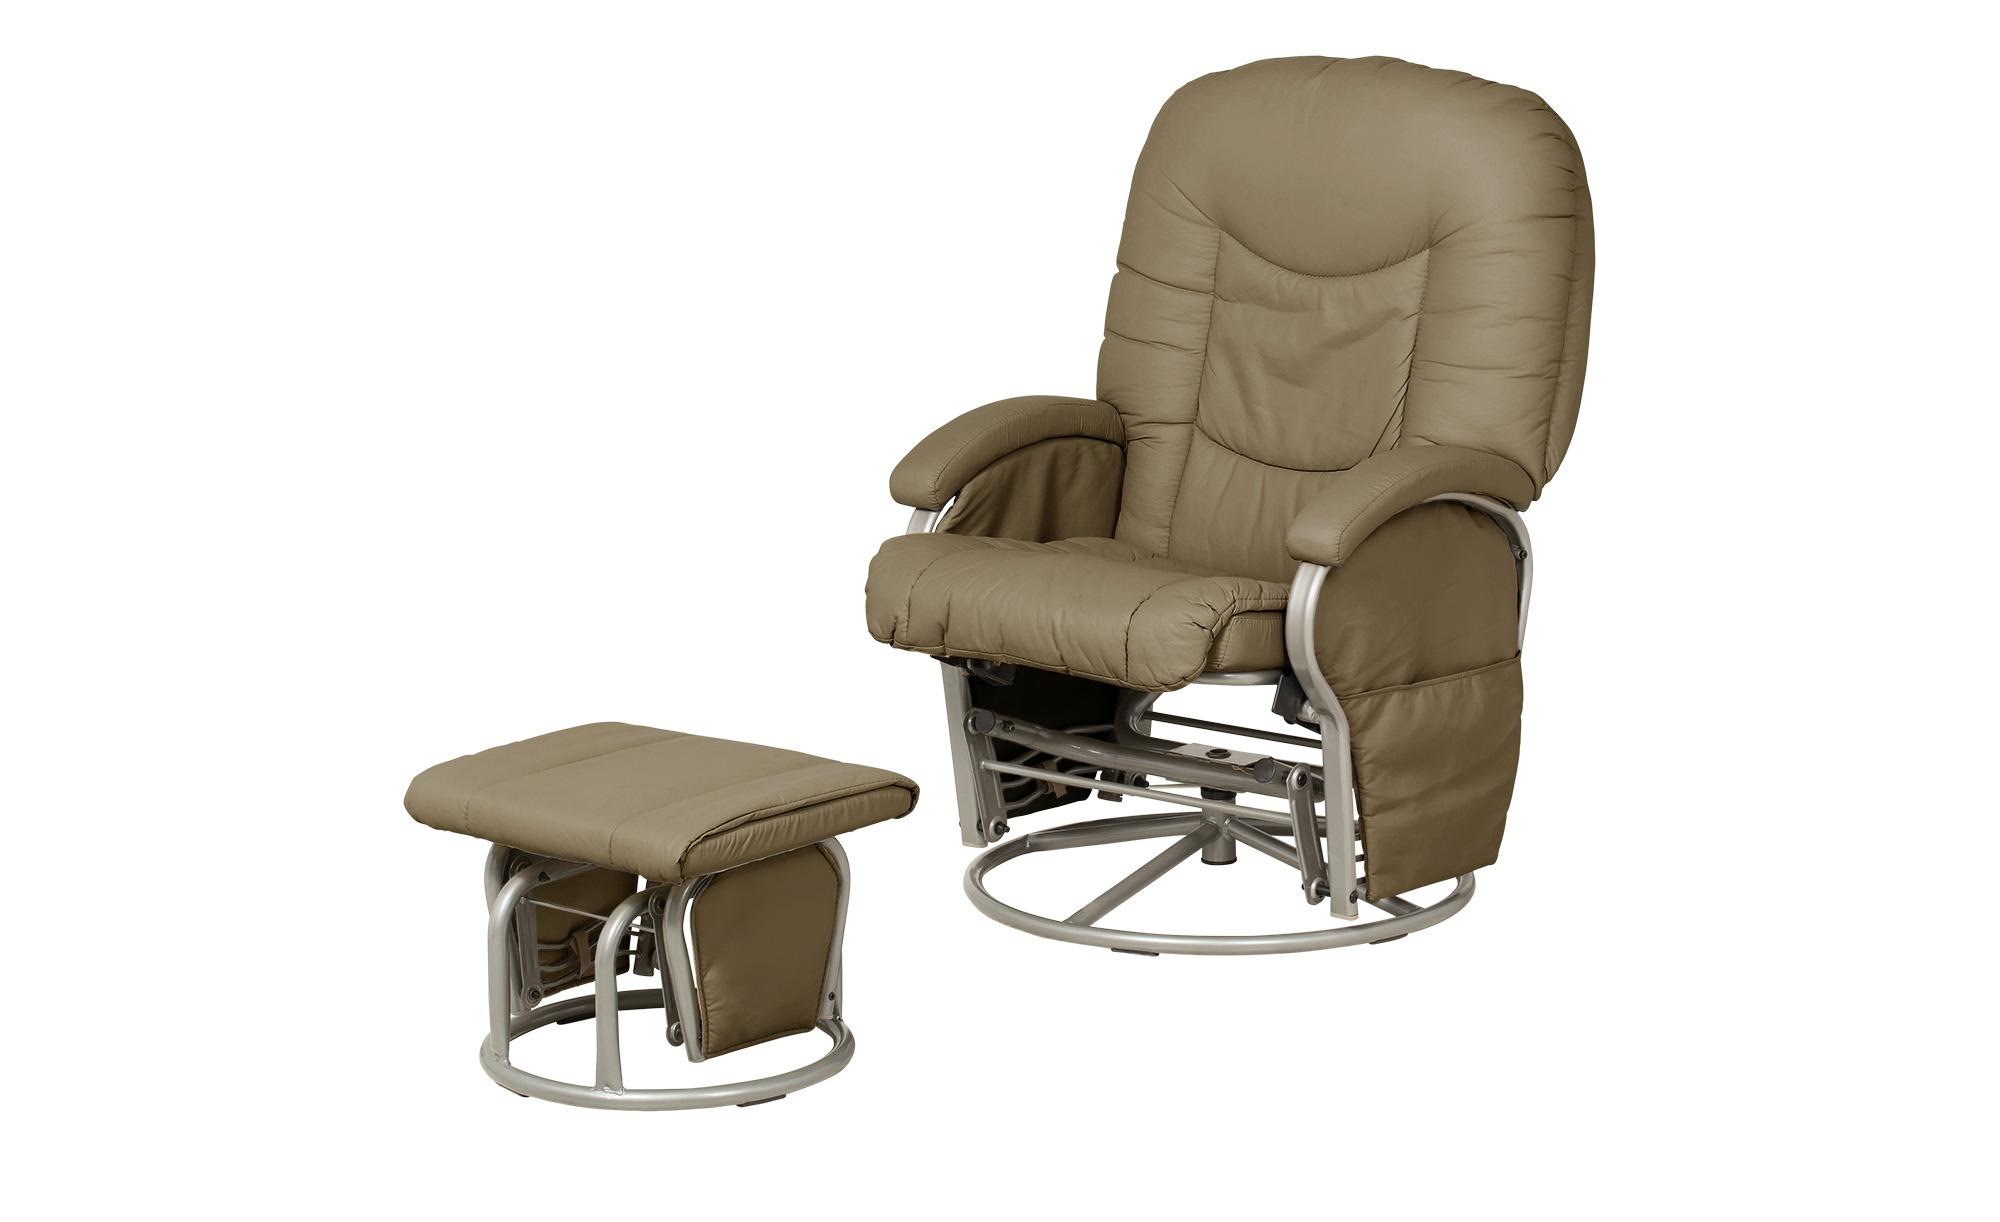 Hauck Still- und Entspannungsstuhl creme - Kunstleder Glider ¦ creme ¦ Maße (cm): B: 72 H: 102 Polstermöbel > Sessel > Drehsessel - Höffner